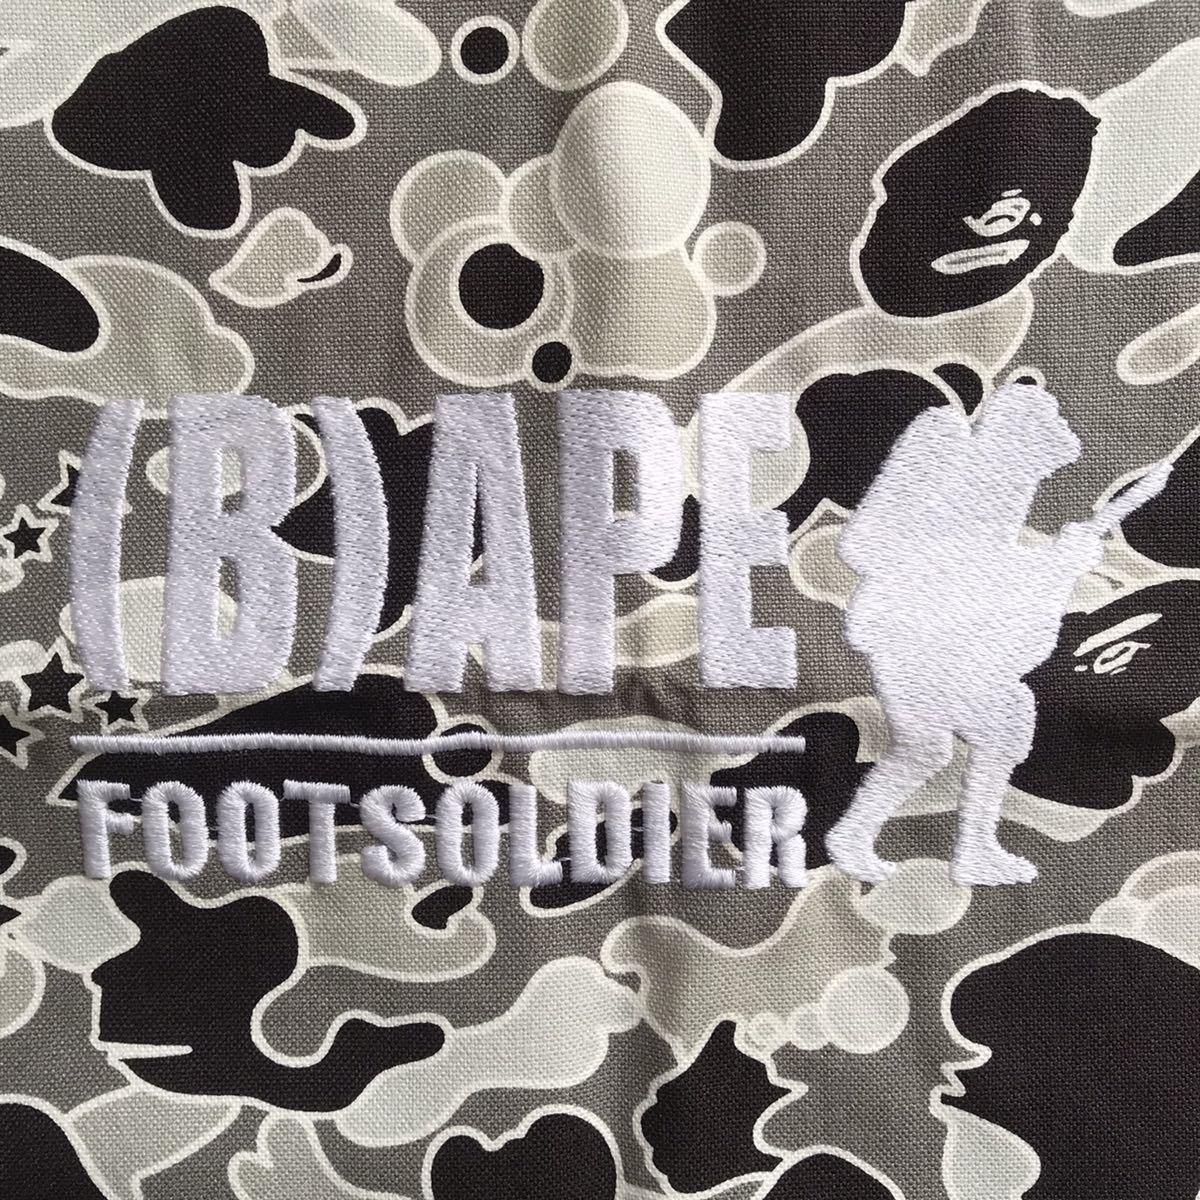 ★新品★ sta camo 巾着袋 a bathing ape bape foot soldier バッグ bag エイプ ベイプ フットソルジャー psyche camo 迷彩 nigo 1212